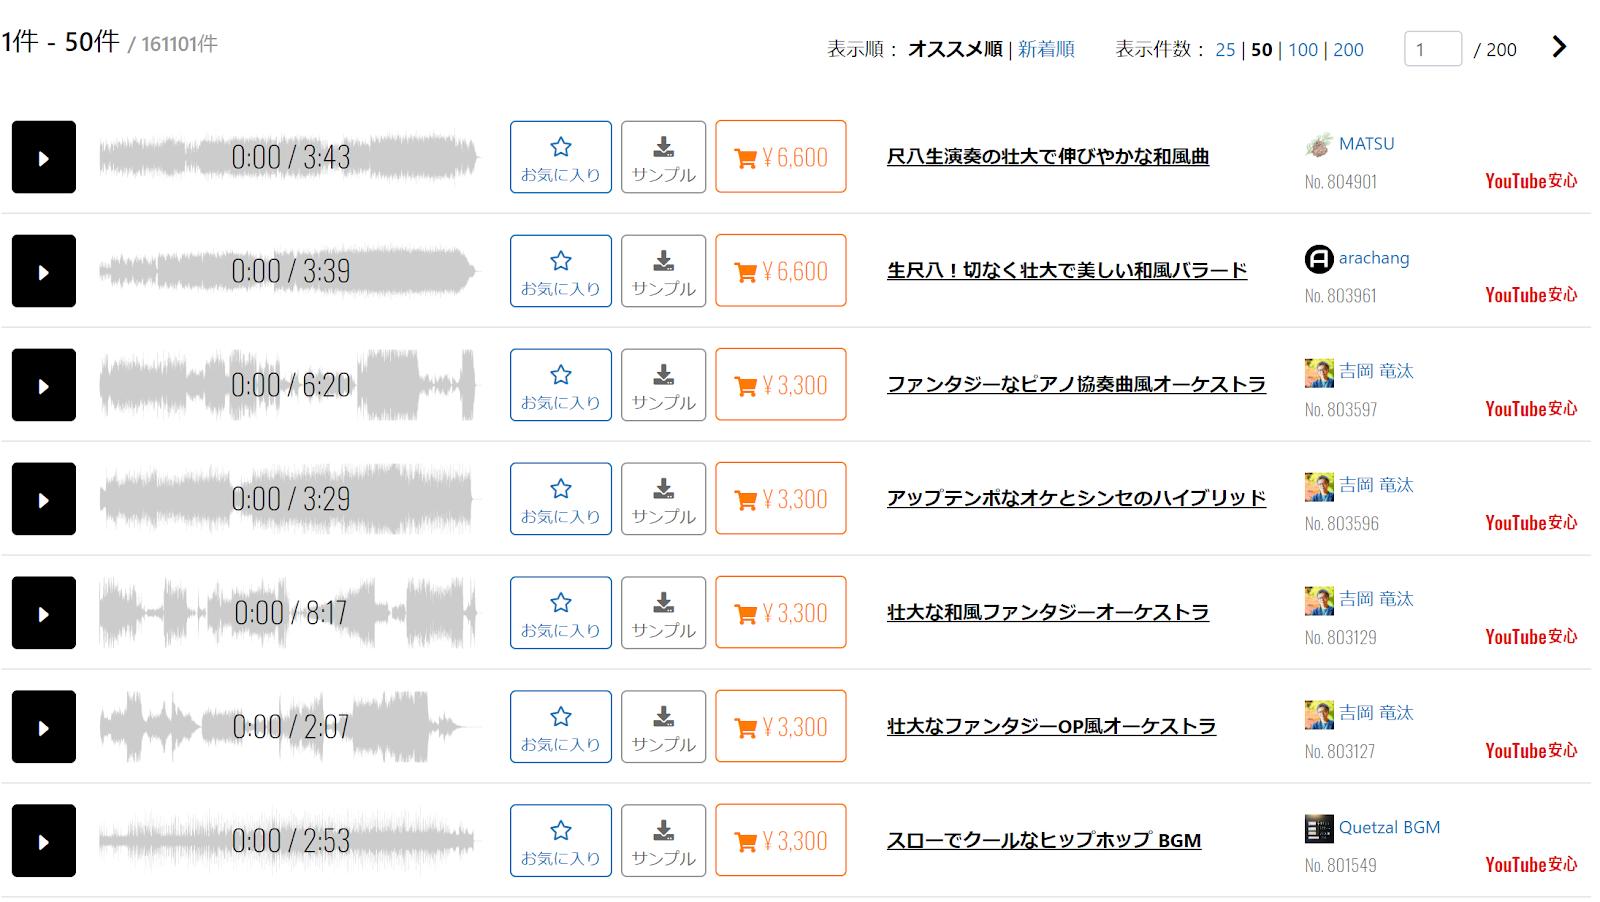 Audiostock 検索画面